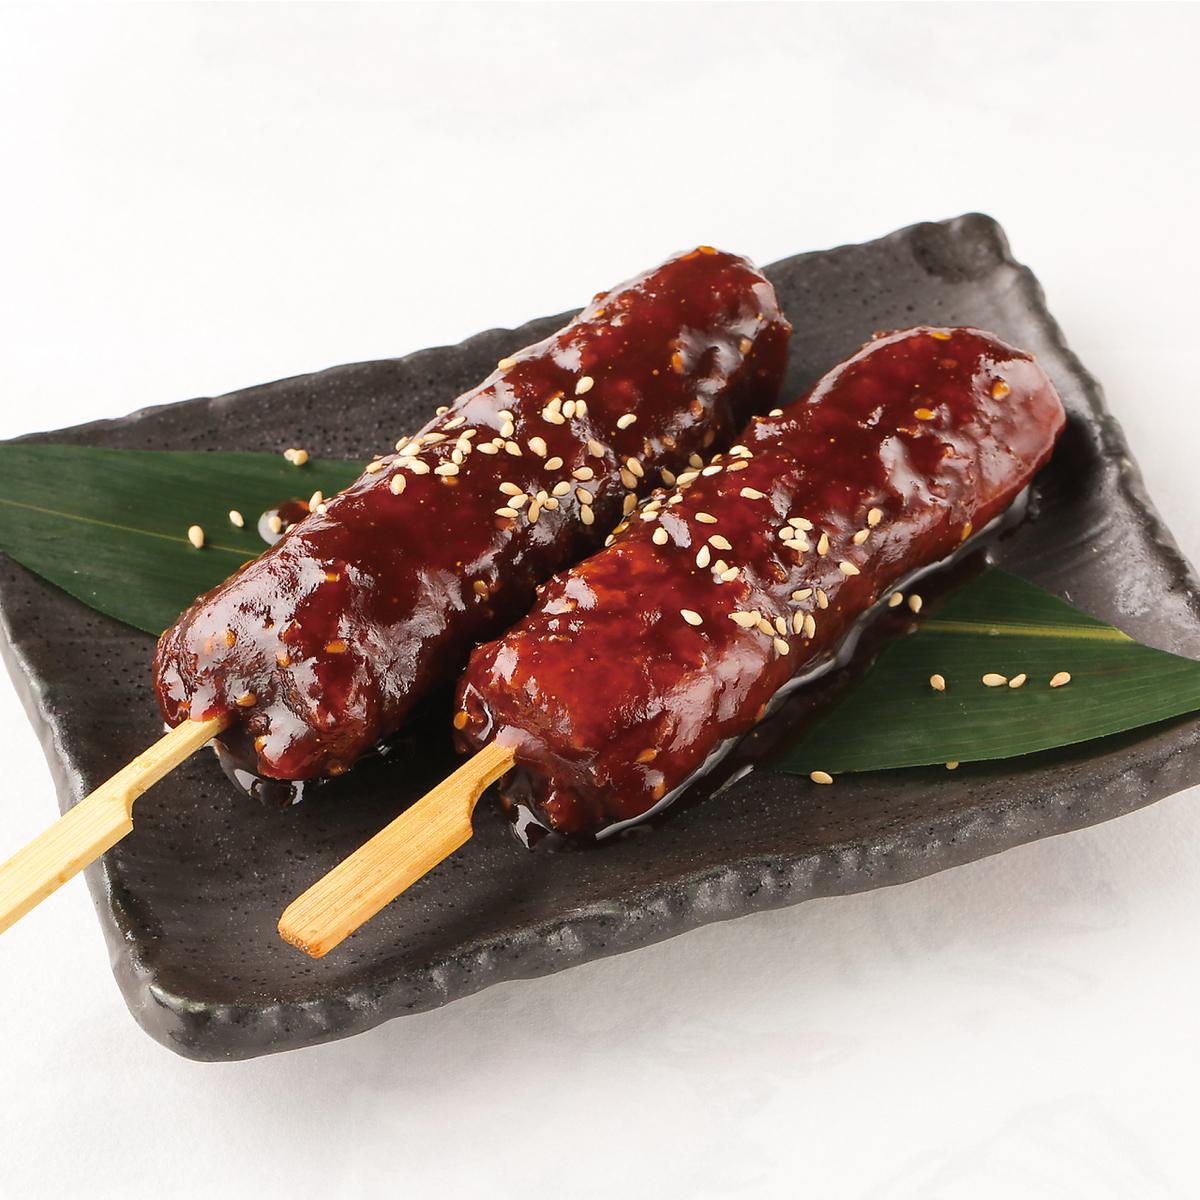 Miso katsu skewer (2 pieces)